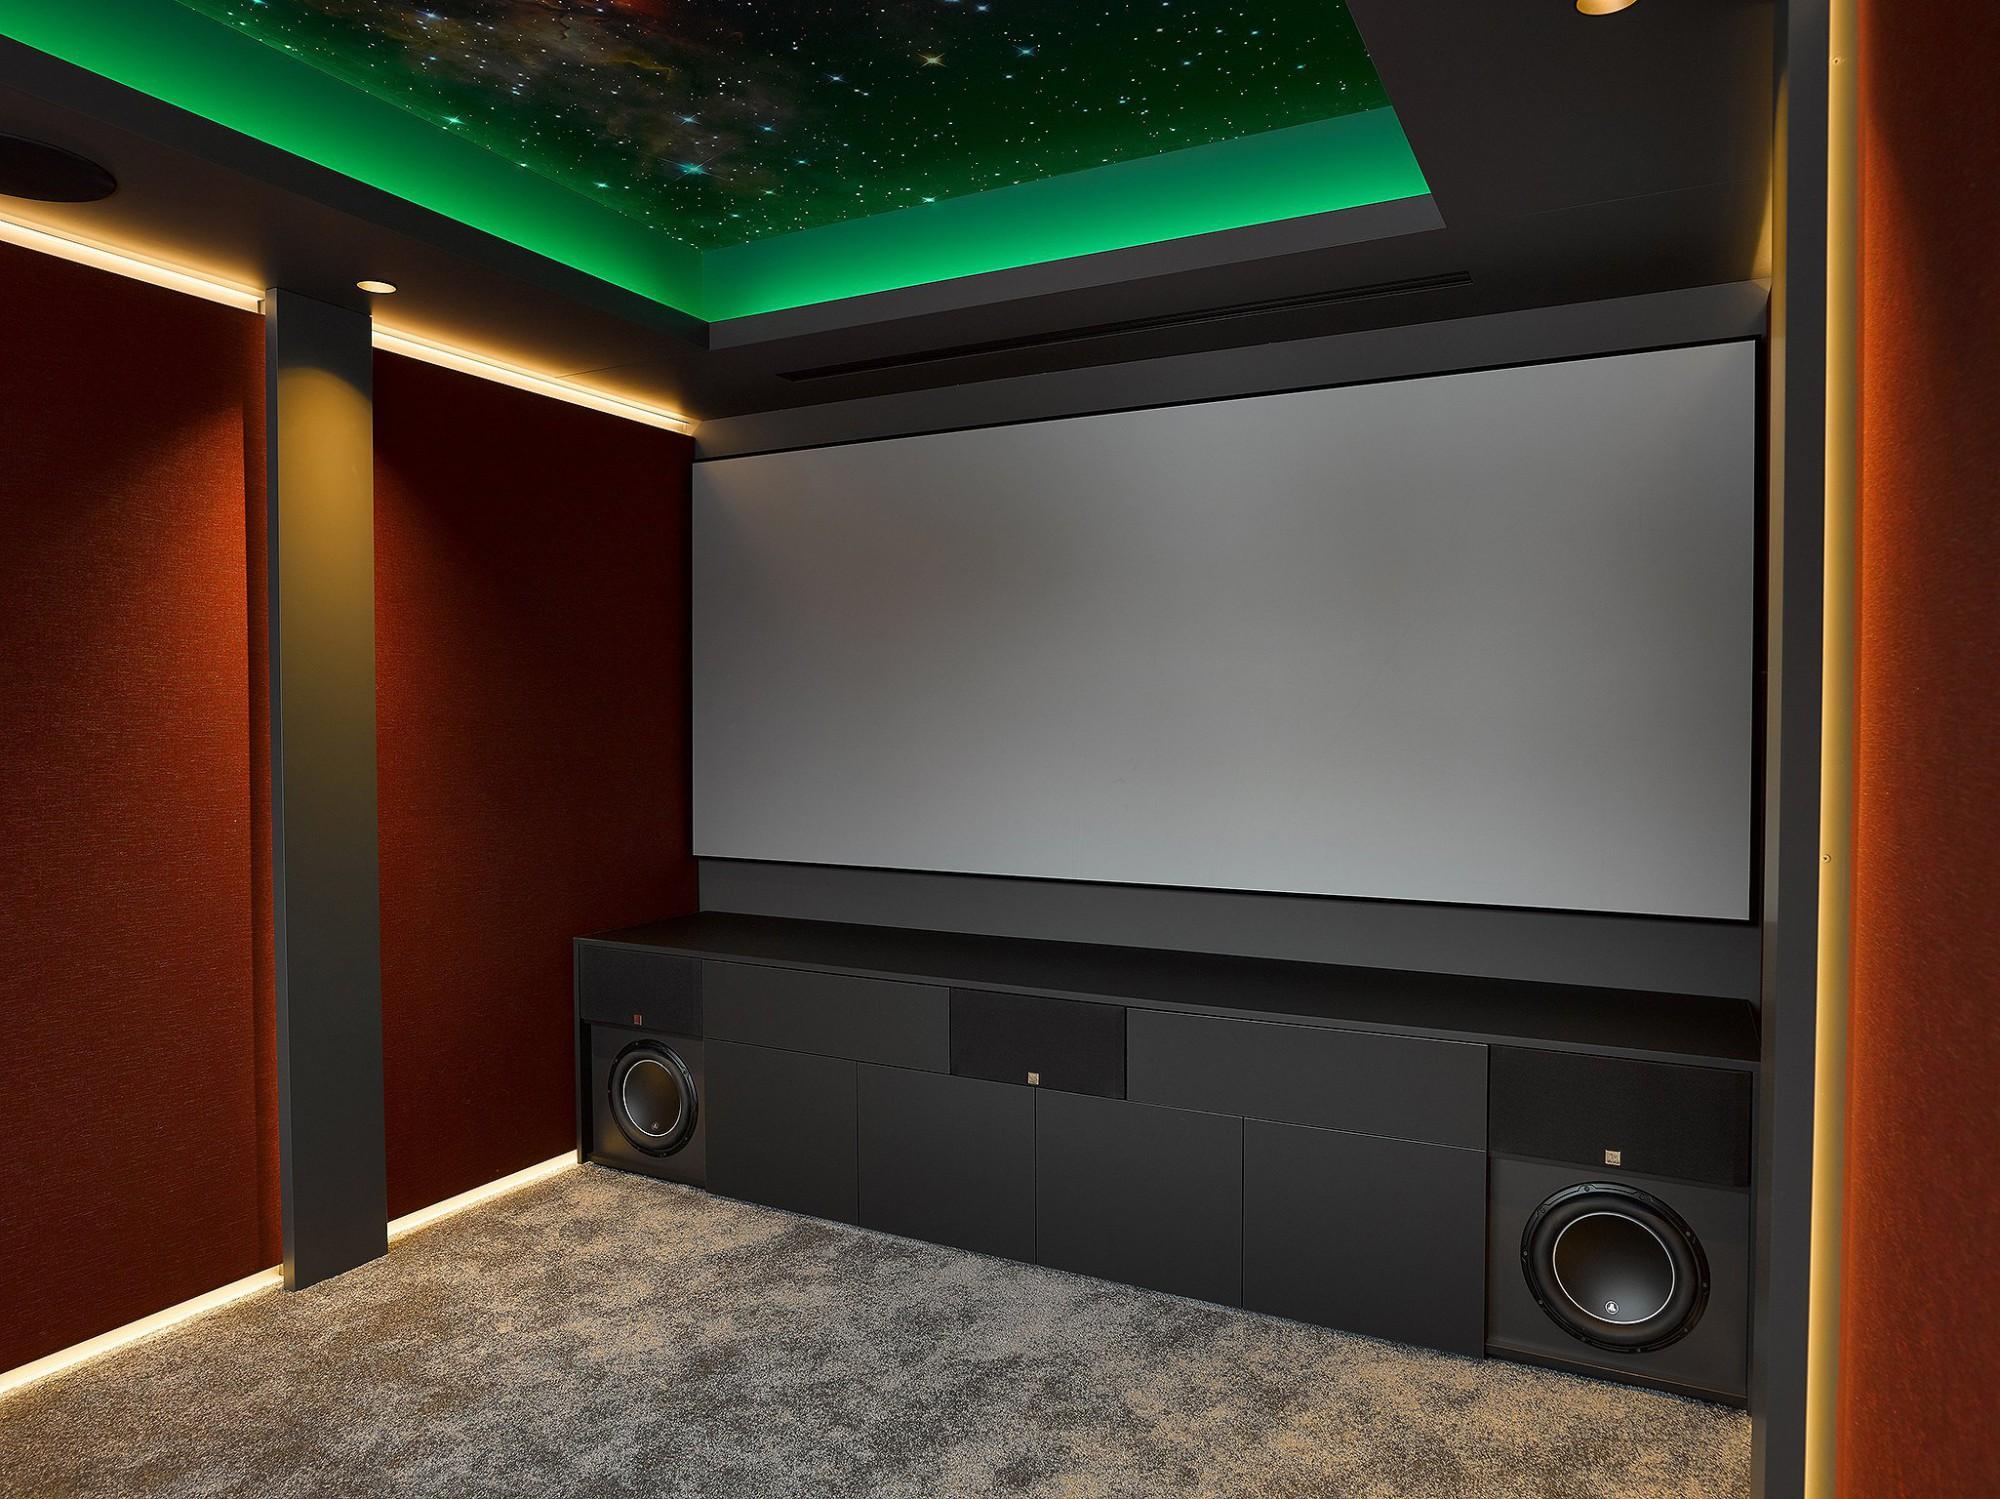 Afbeelding: Fotografie technieken voor home cinema, uitwerking-afwerking cinema, foto Van Huffel.